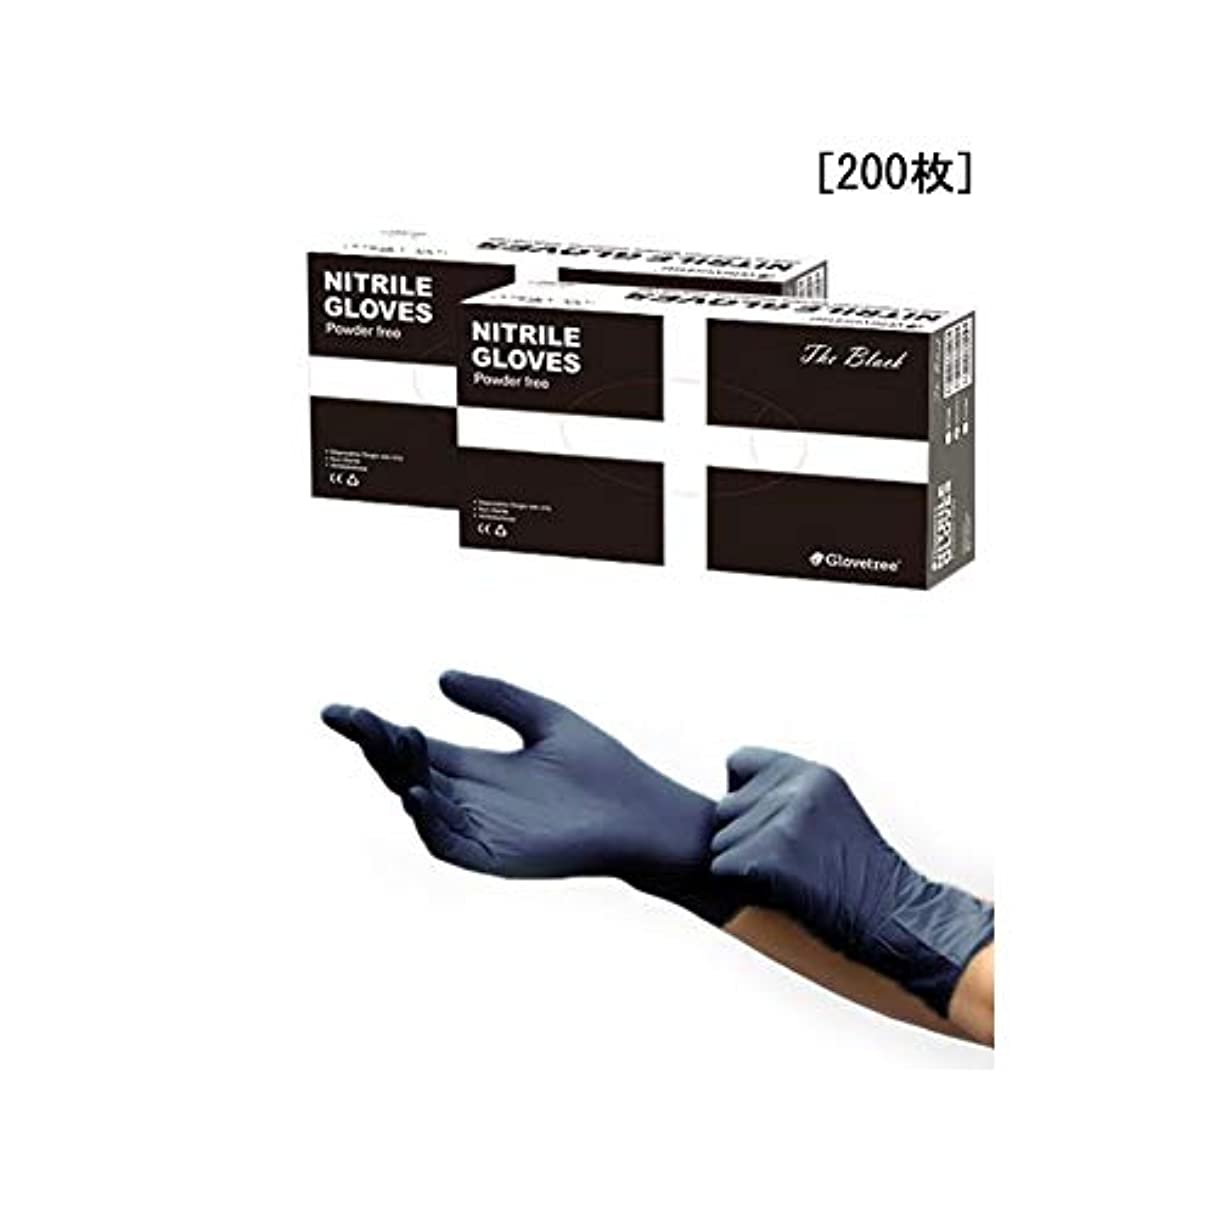 (Glove Tree)最高品質 無粉末 ニトリル手袋 パウダーフリー The Black 200枚(5g Nitrile、Mサイズ基準, Powder Free)【海外配送商品】【並行輸入品】 (L)